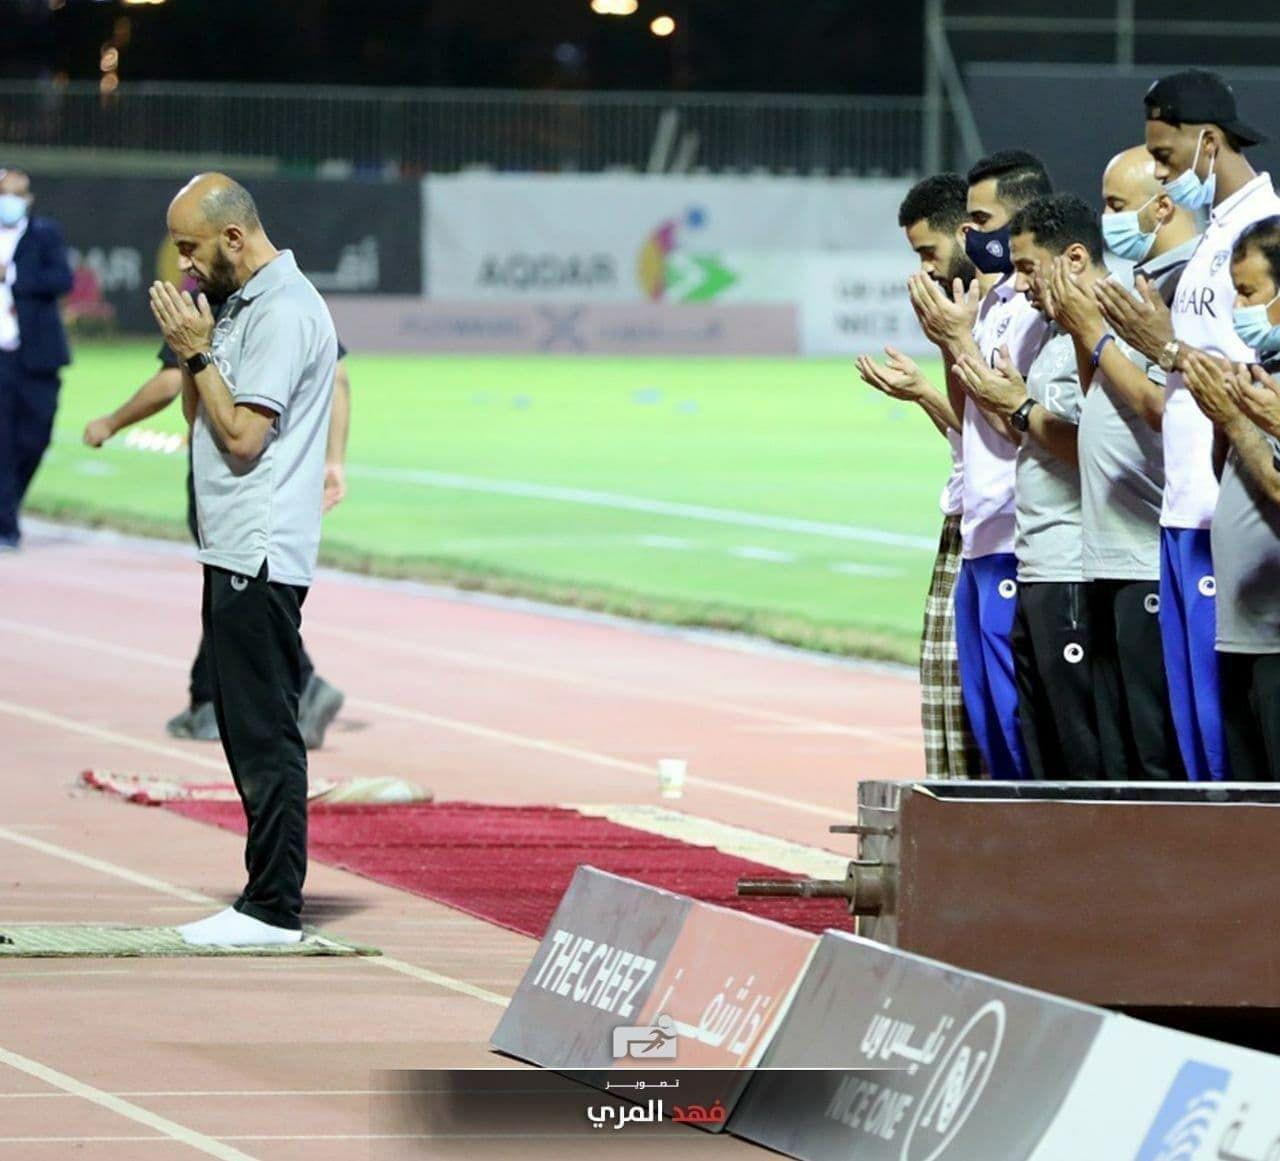 عکس | برگزاری نماز جماعت وسط زمین فوتبال